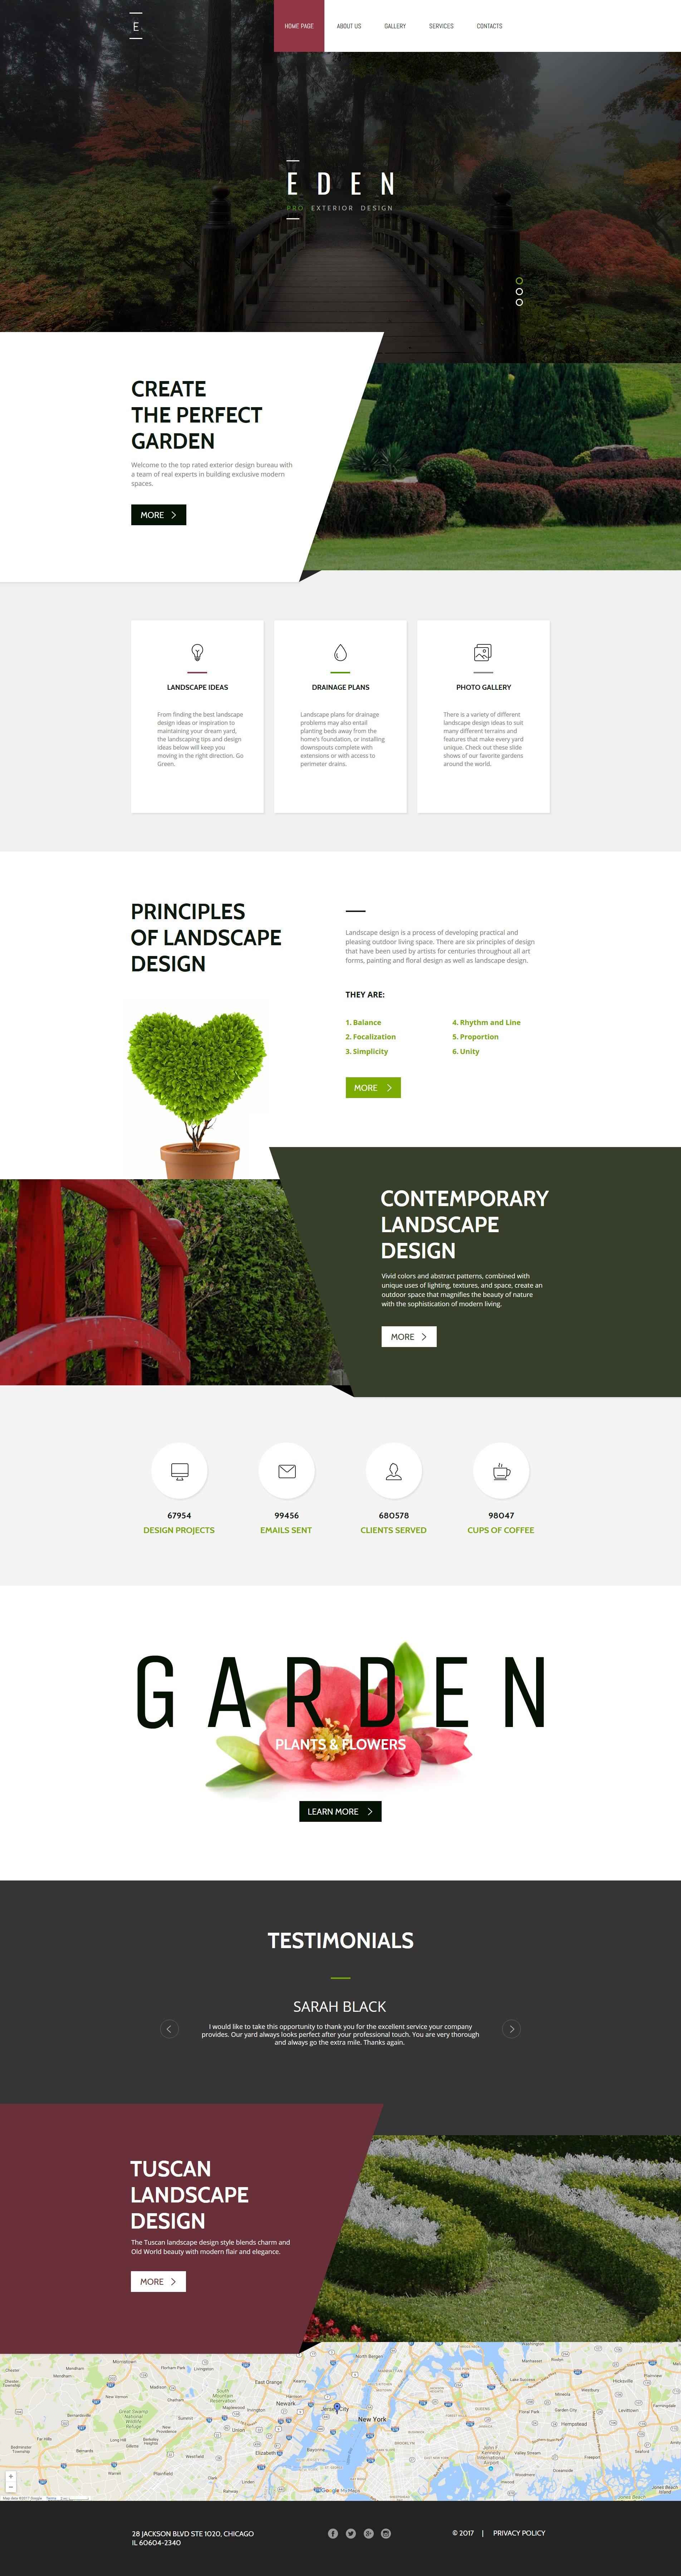 Responsive Moto CMS HTML Vorlage für Gartendesign #63447